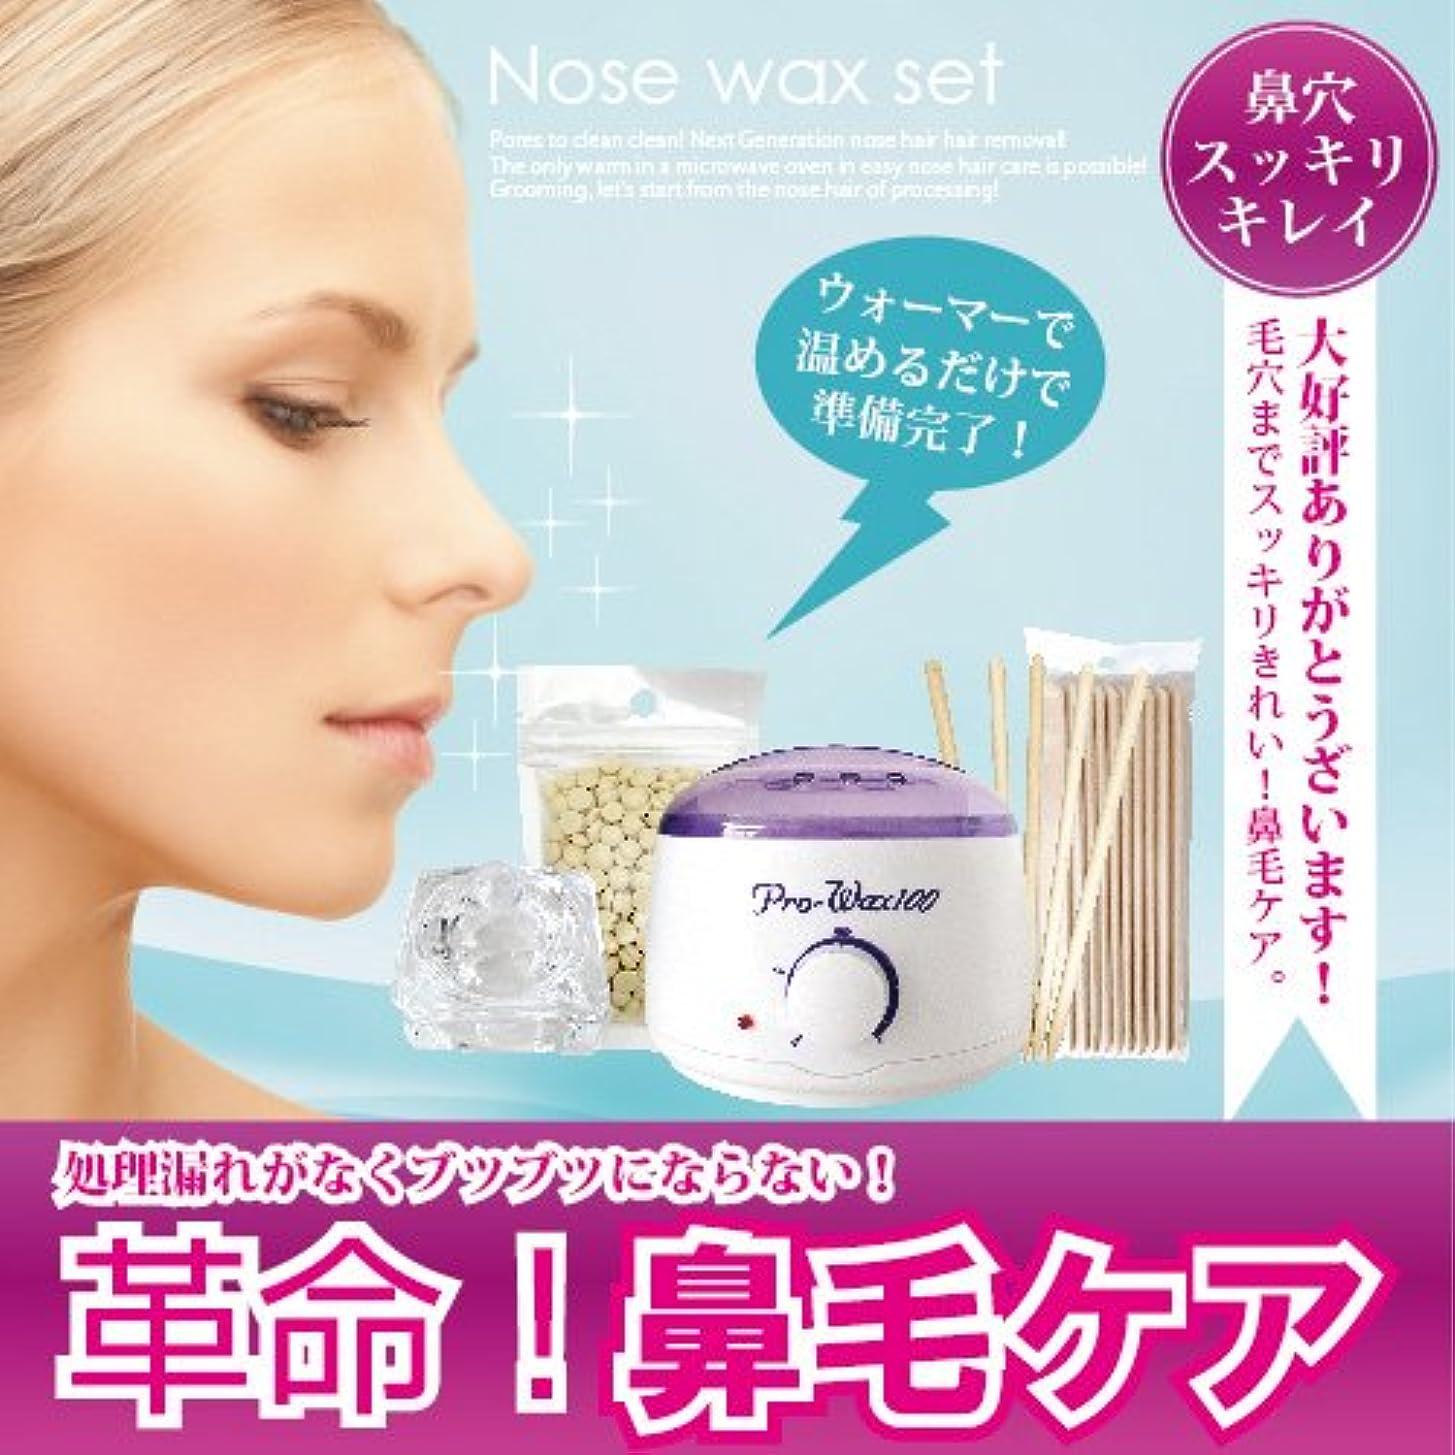 ジョージエリオット怪しい開発ブラジリアンワックス Nose wax setウォーマー付ノーズワックス鼻毛ケアセット(約12回分)